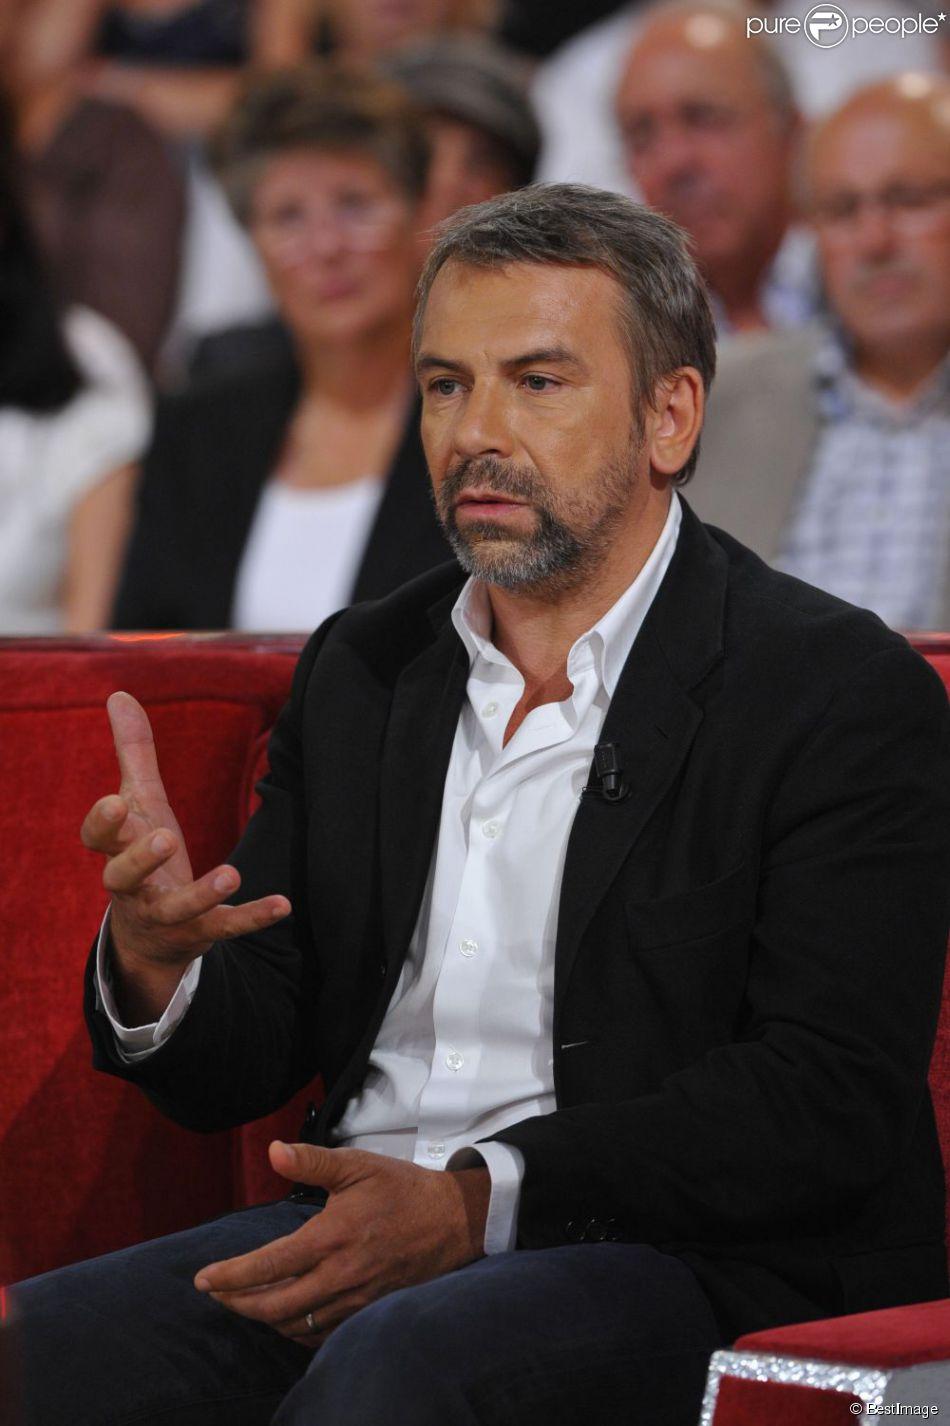 Philippe Torreton durant l'enregistrement de vivement dimanche à Paris le 4 septembre 2011.